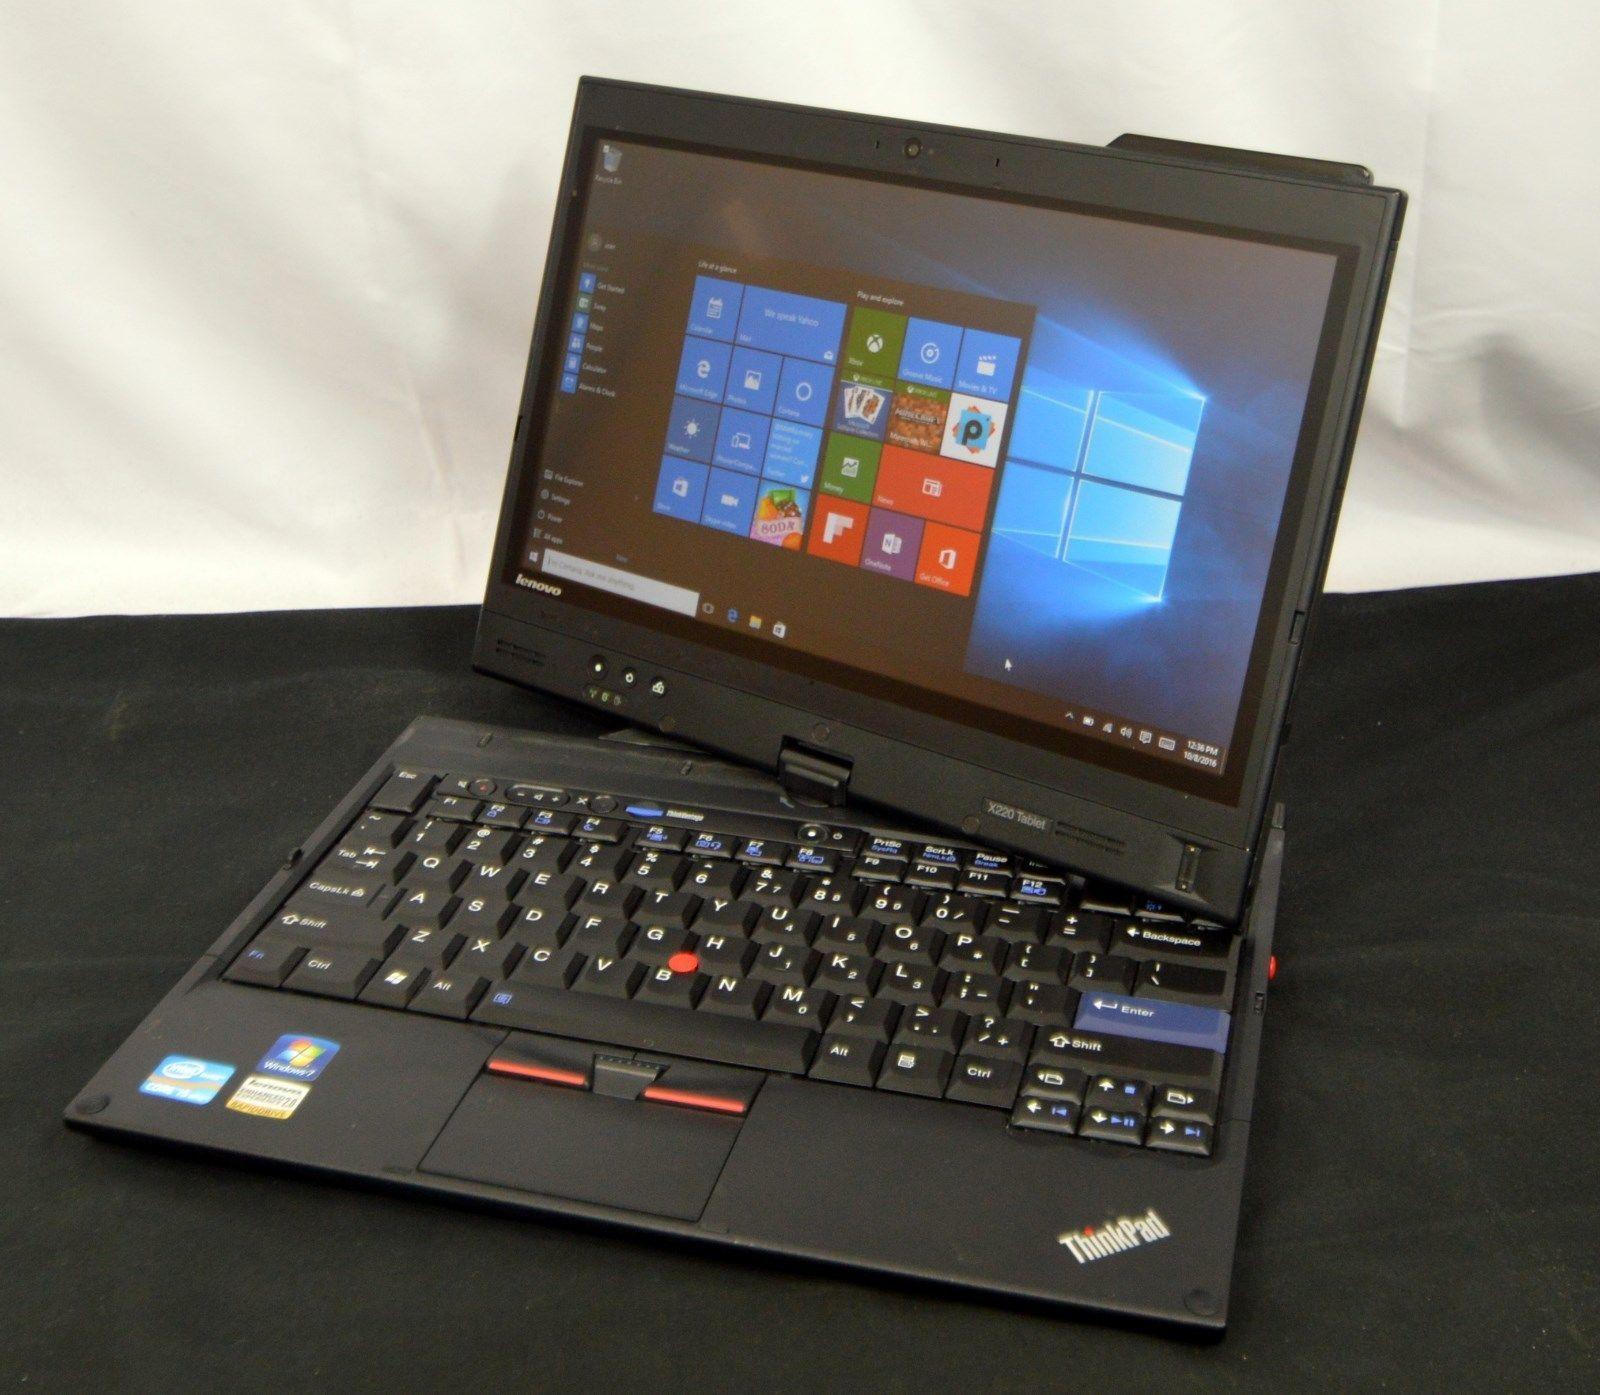 Ibm Lenovo Thinkpad X220 Multitouch Tablet Pen Pc 4gb 160gb Ssd